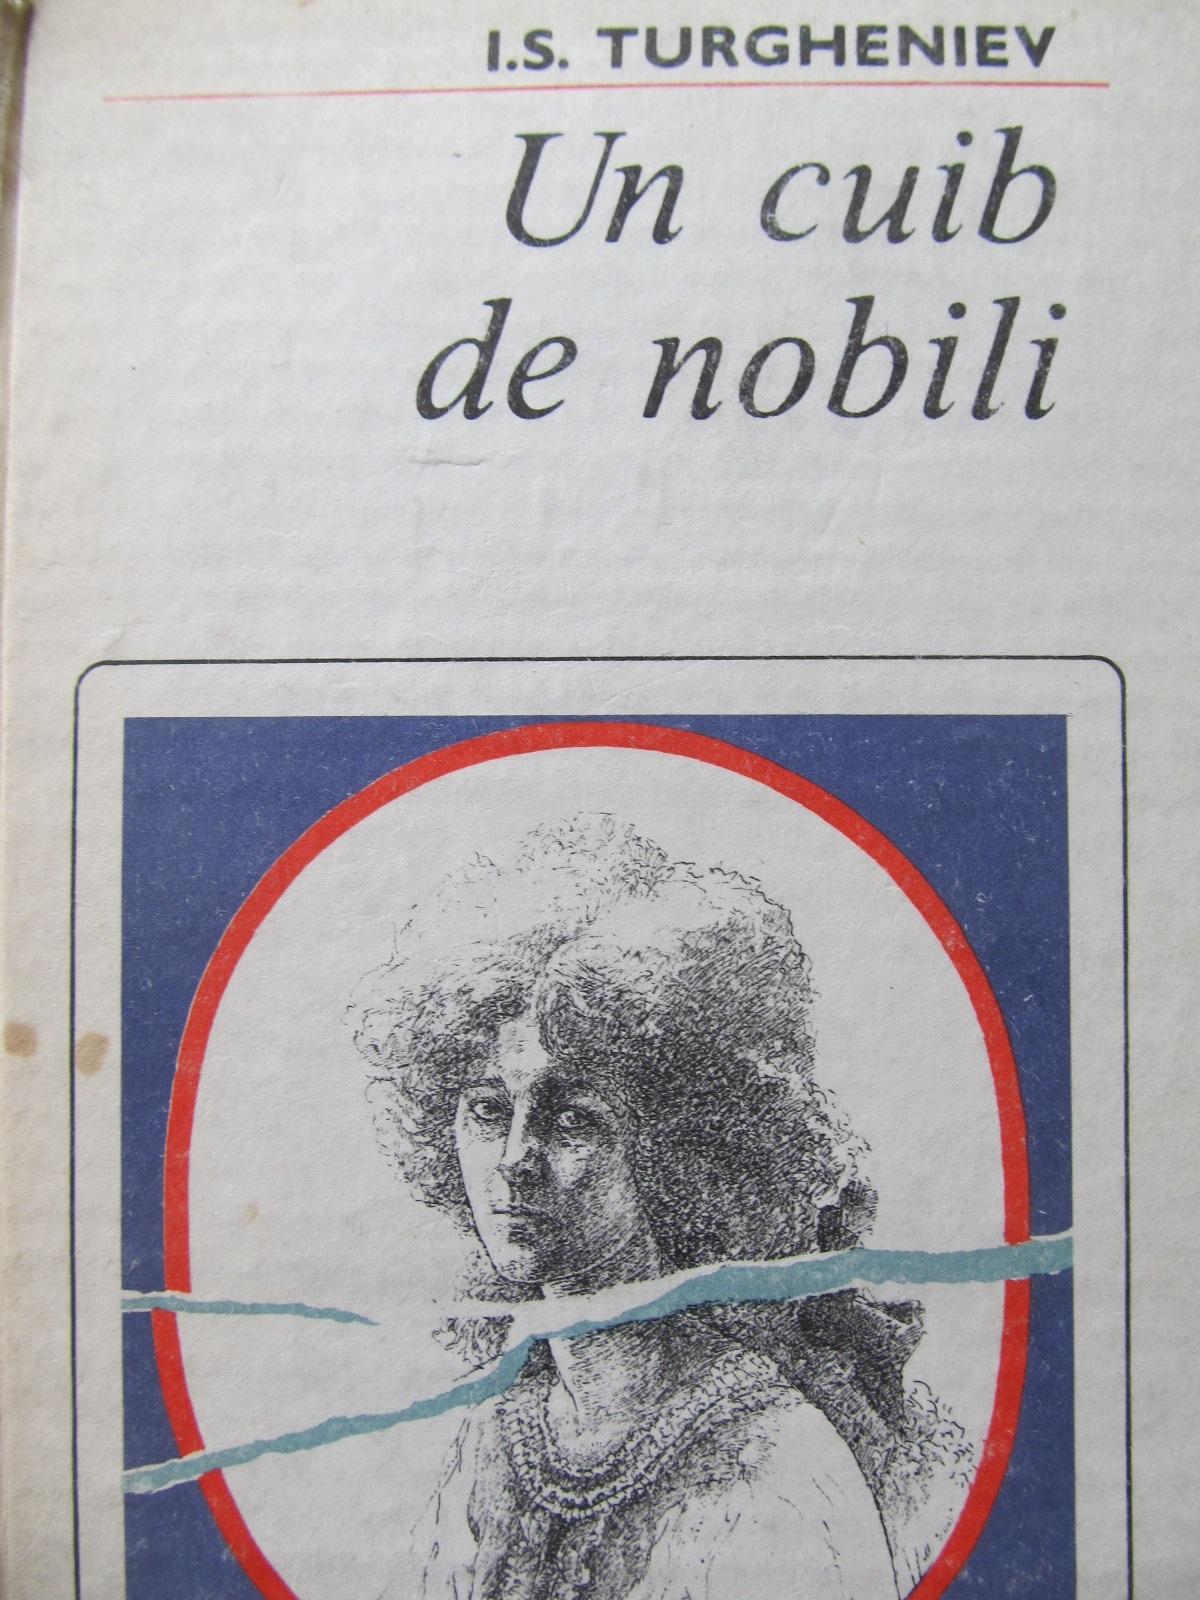 Carte Un cuib de nobili - I. S. Turgheniev